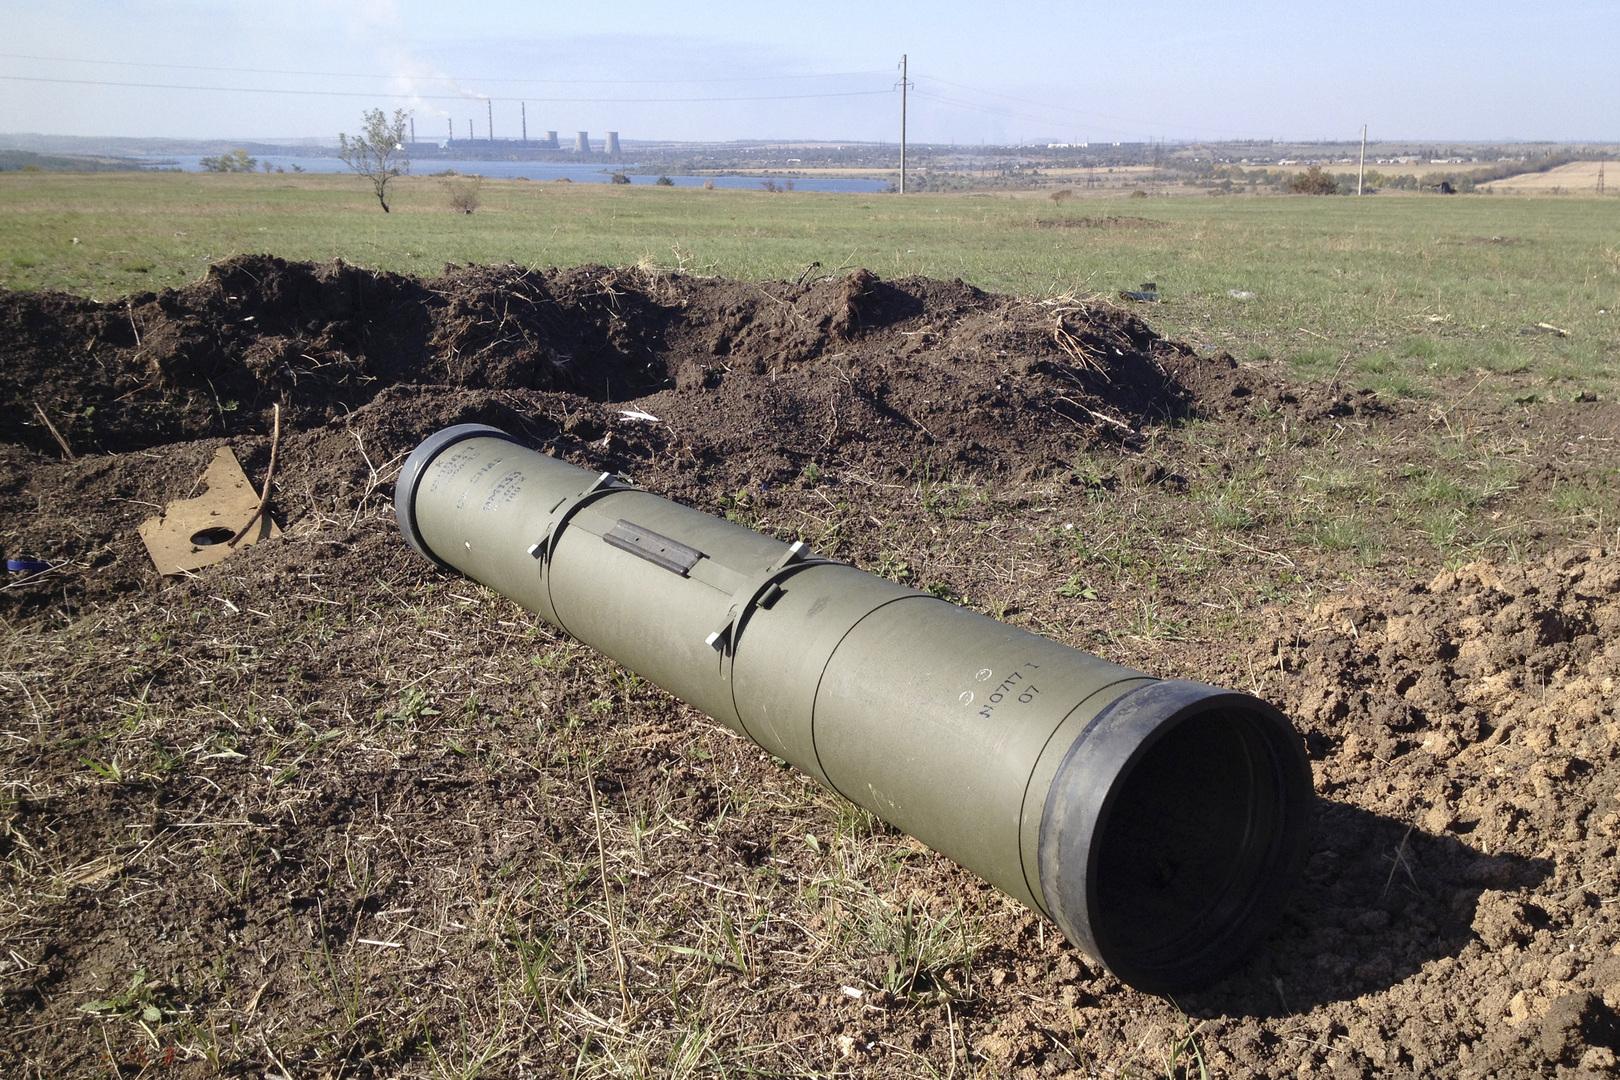 اتفاق روسي - أردني لإنتاج صواريخ